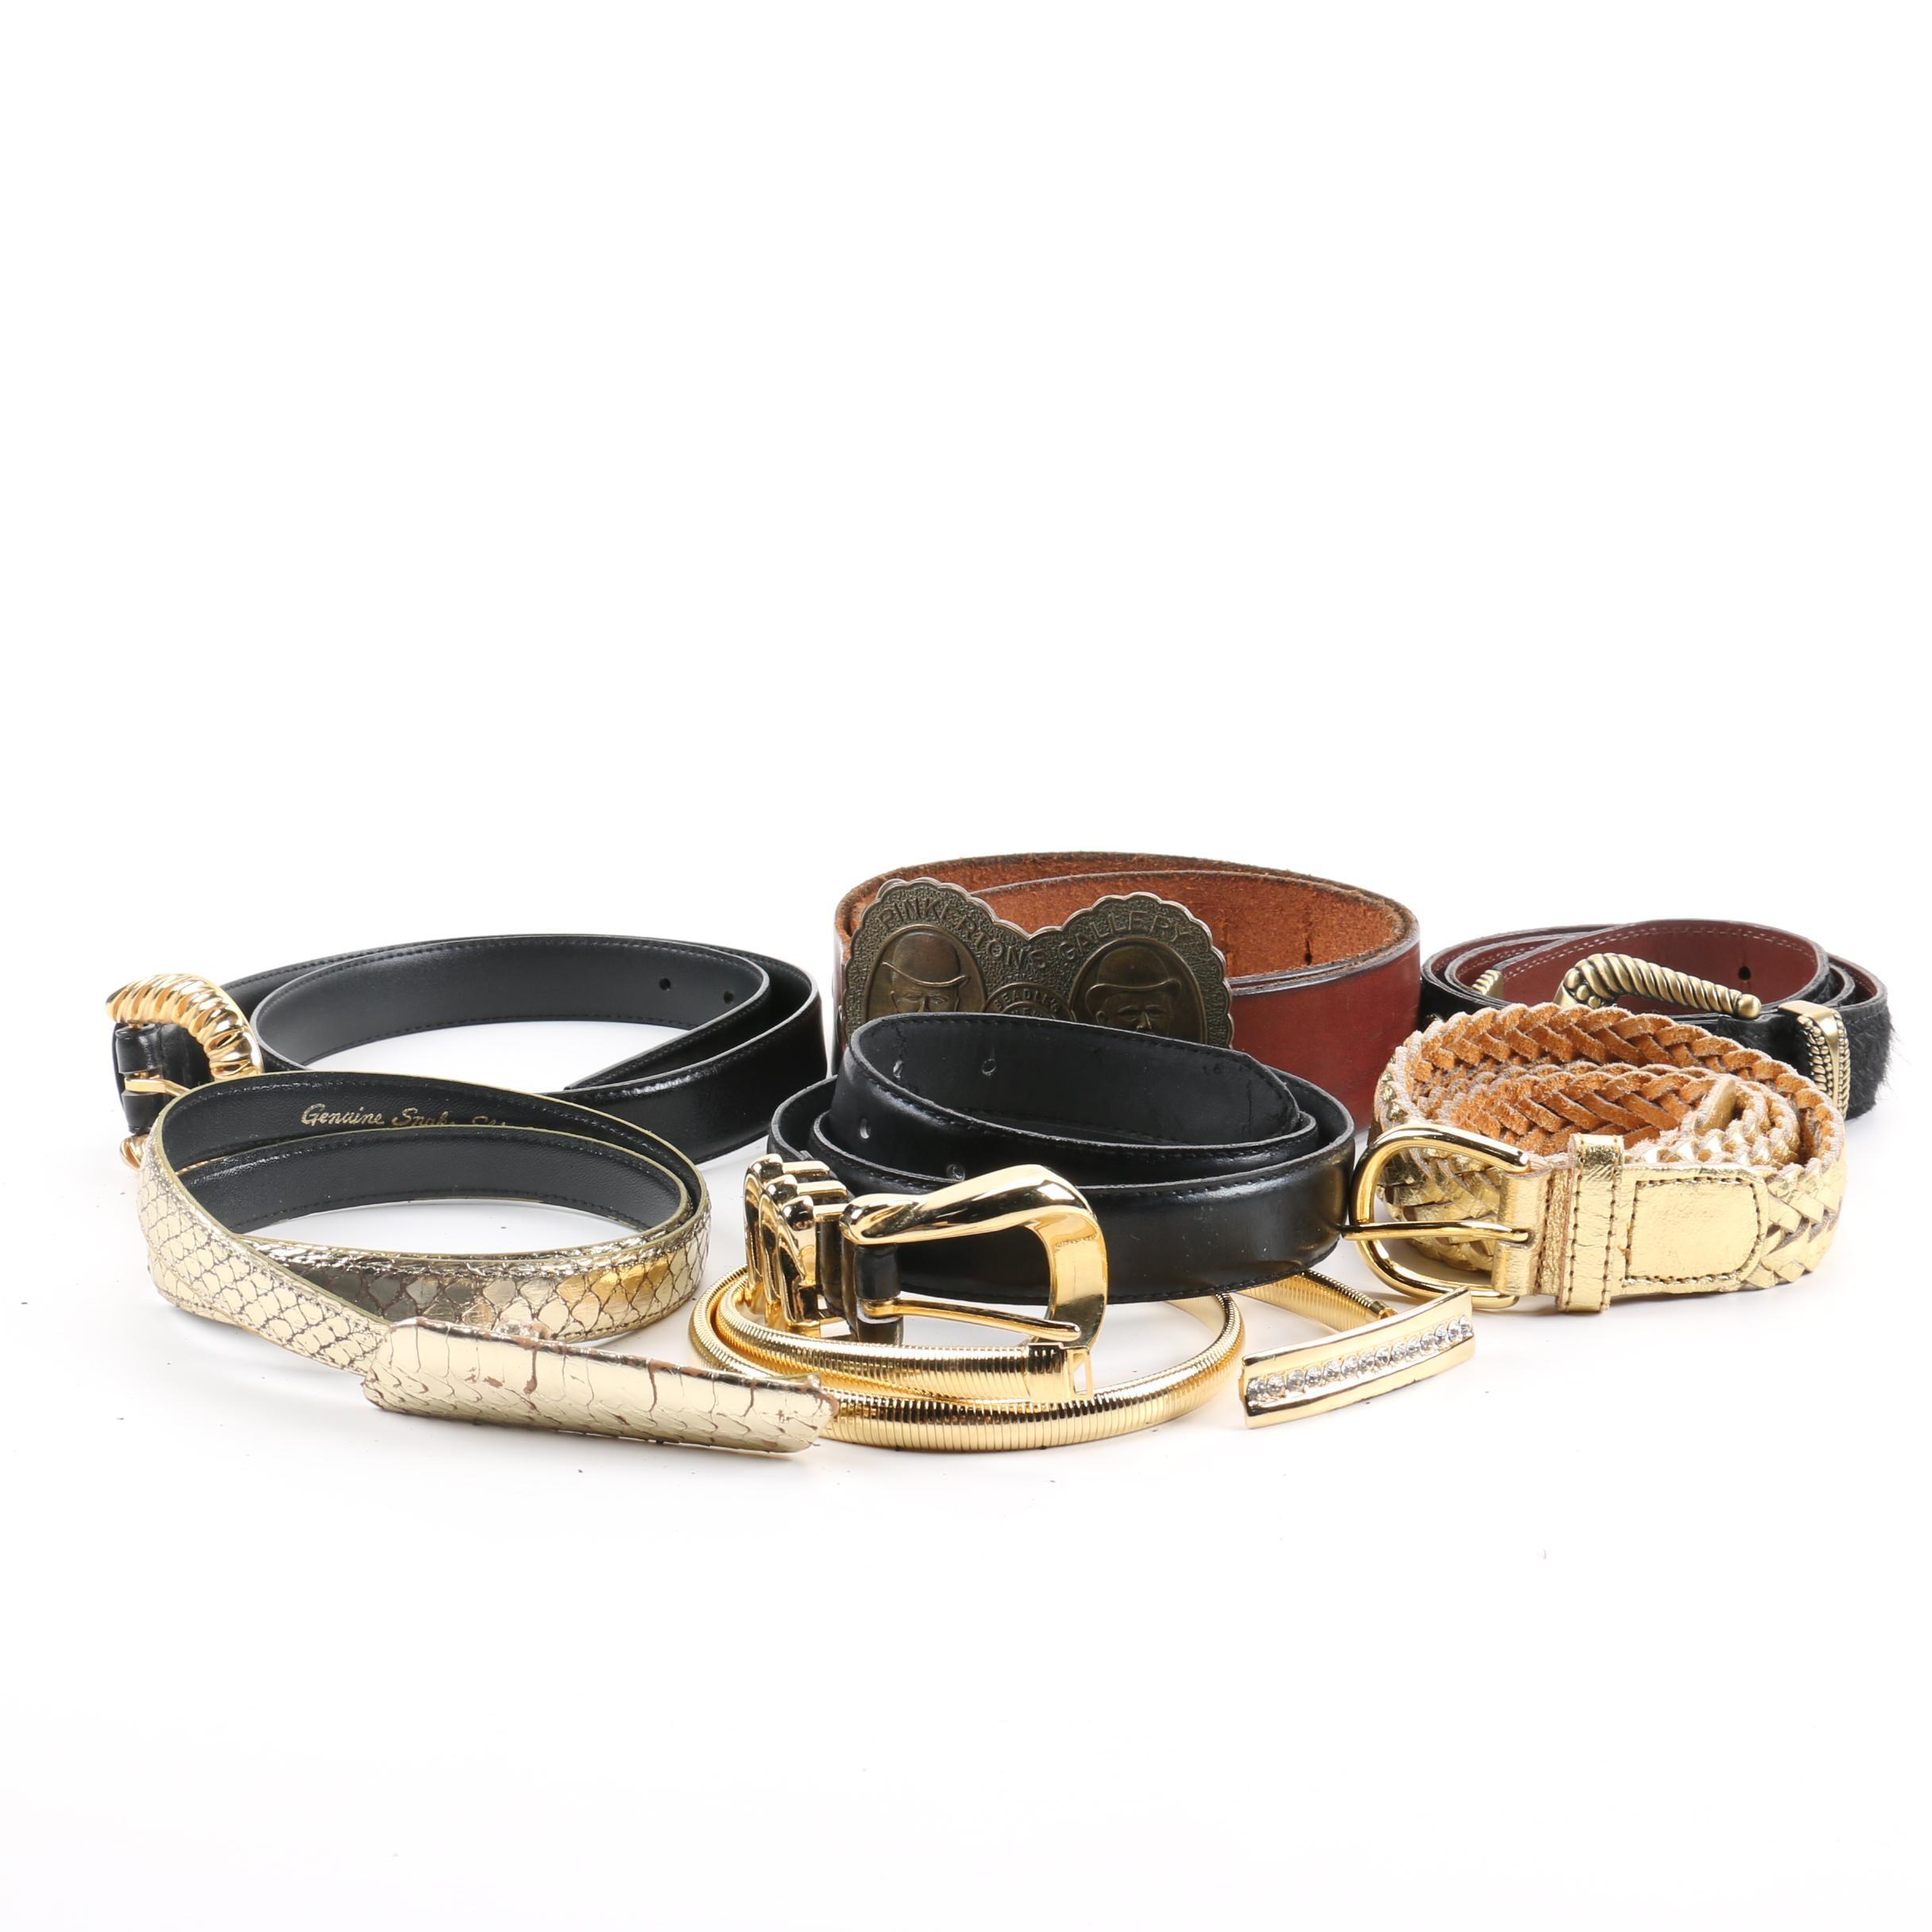 Assortment of Belts Including Snakeskin